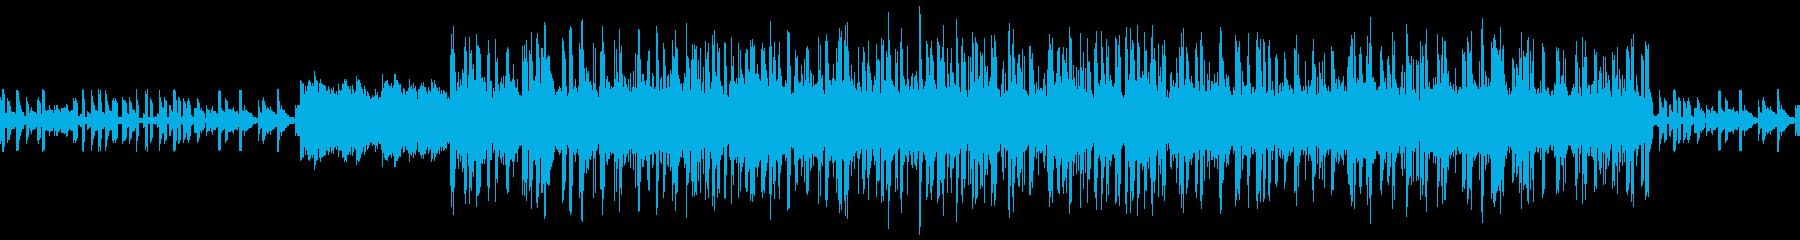 切ないエレクトロニカの再生済みの波形